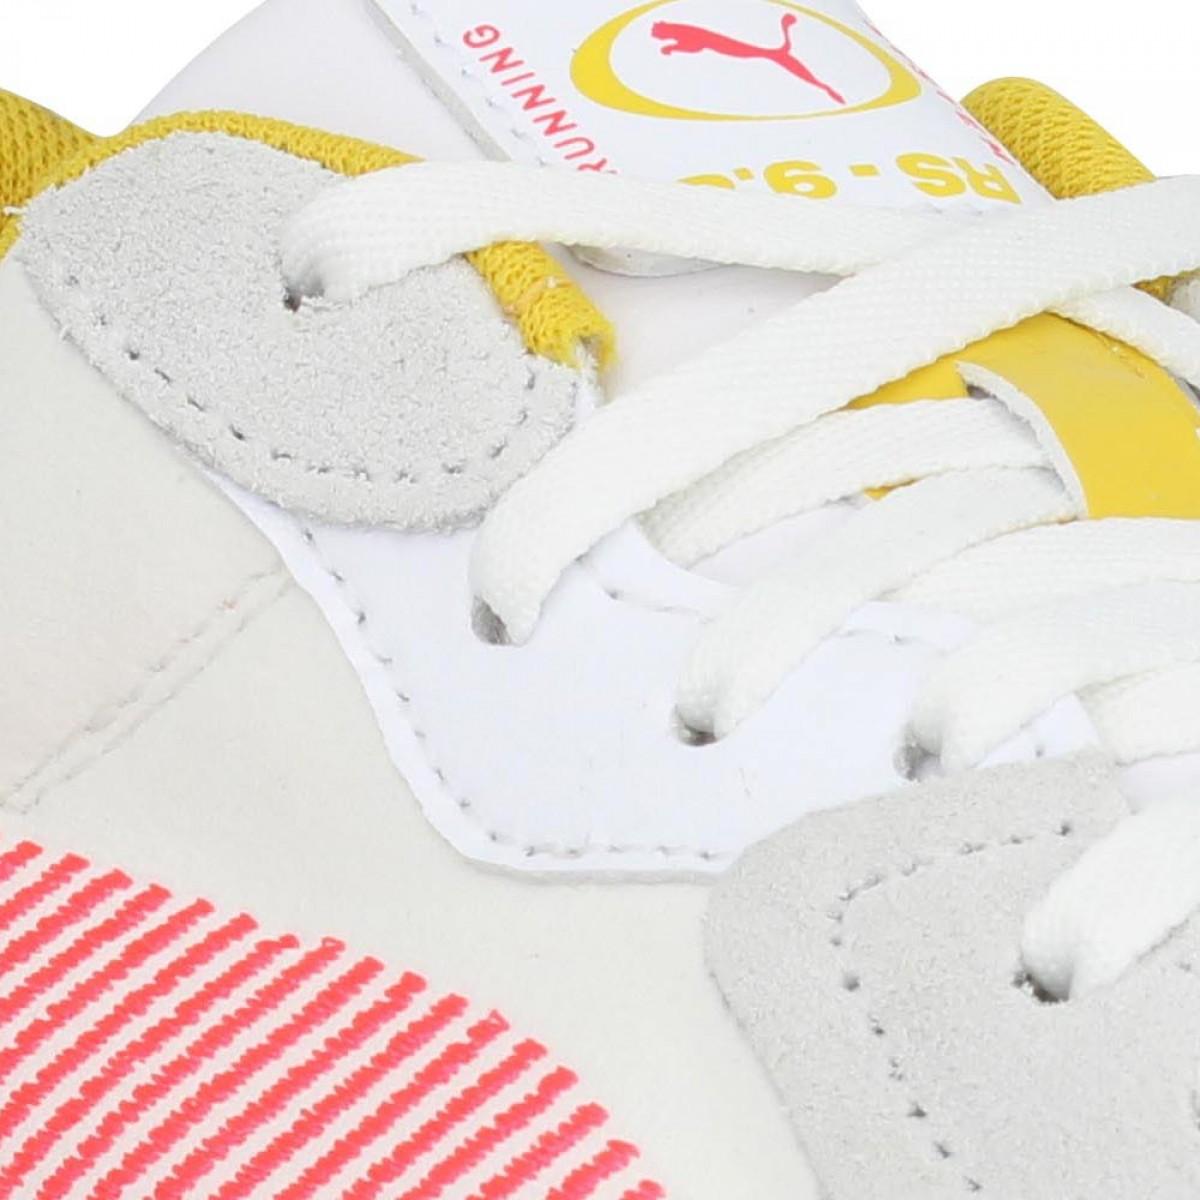 PUMA RS 9.8 Proto toile Femme Blanc